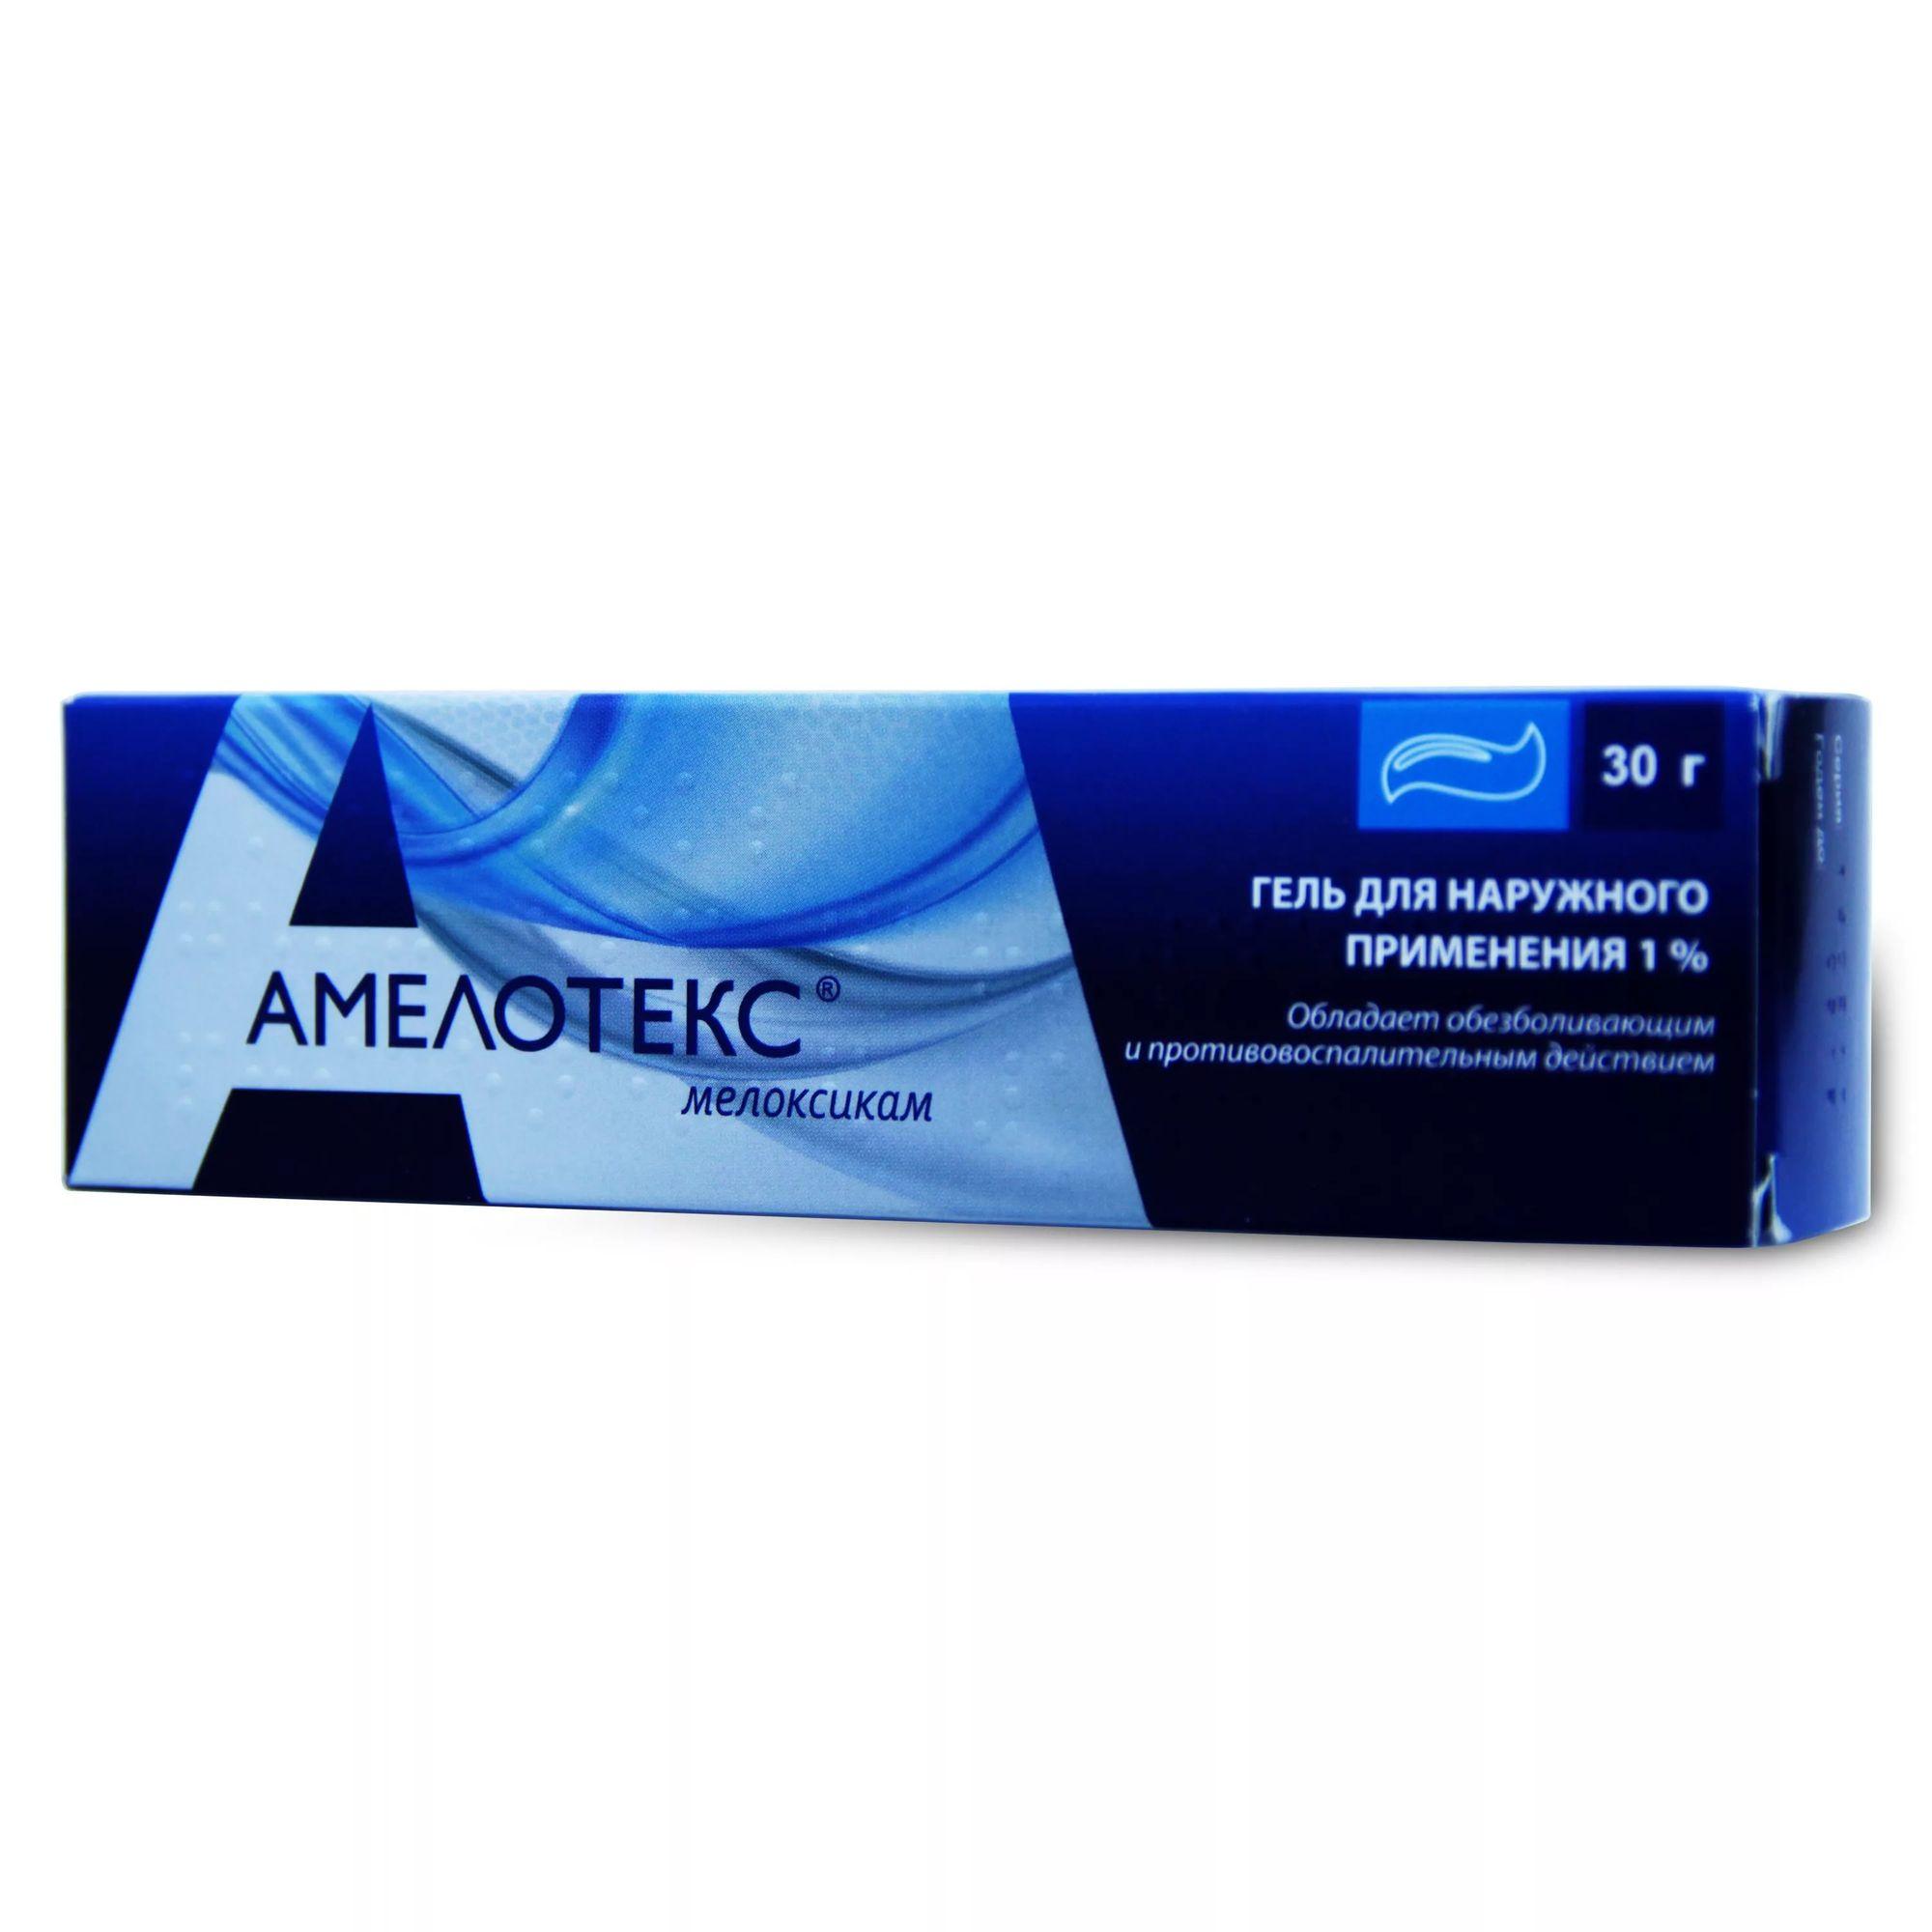 Амелотекс, 1%, гель для наружного применения, 30 г, 1 шт.